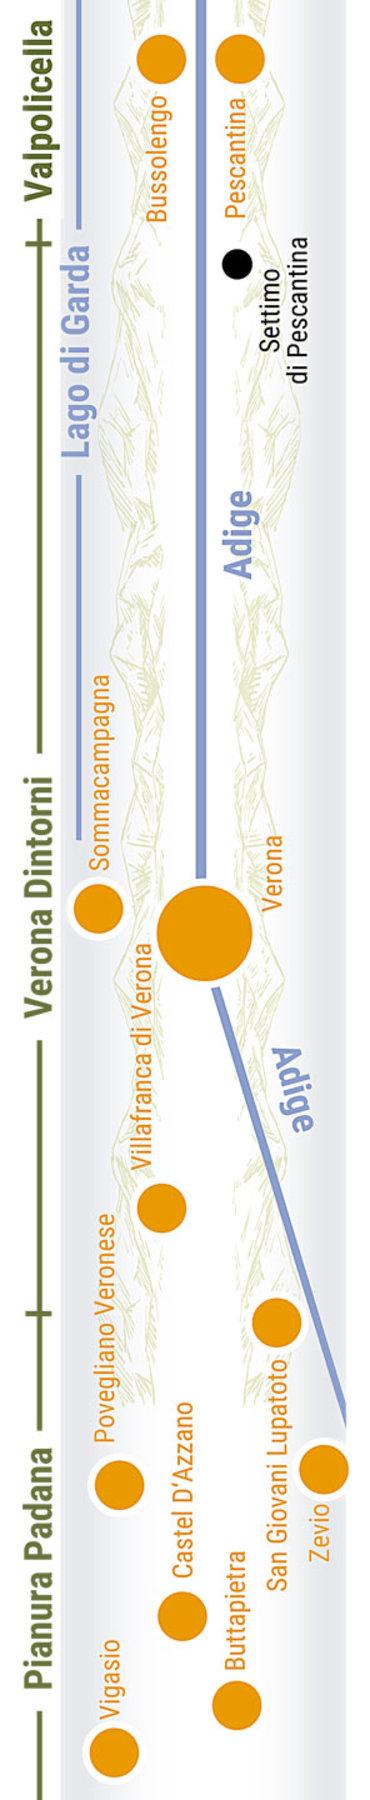 Übersichtskarte rechts Teilabschnitt 38p Verona